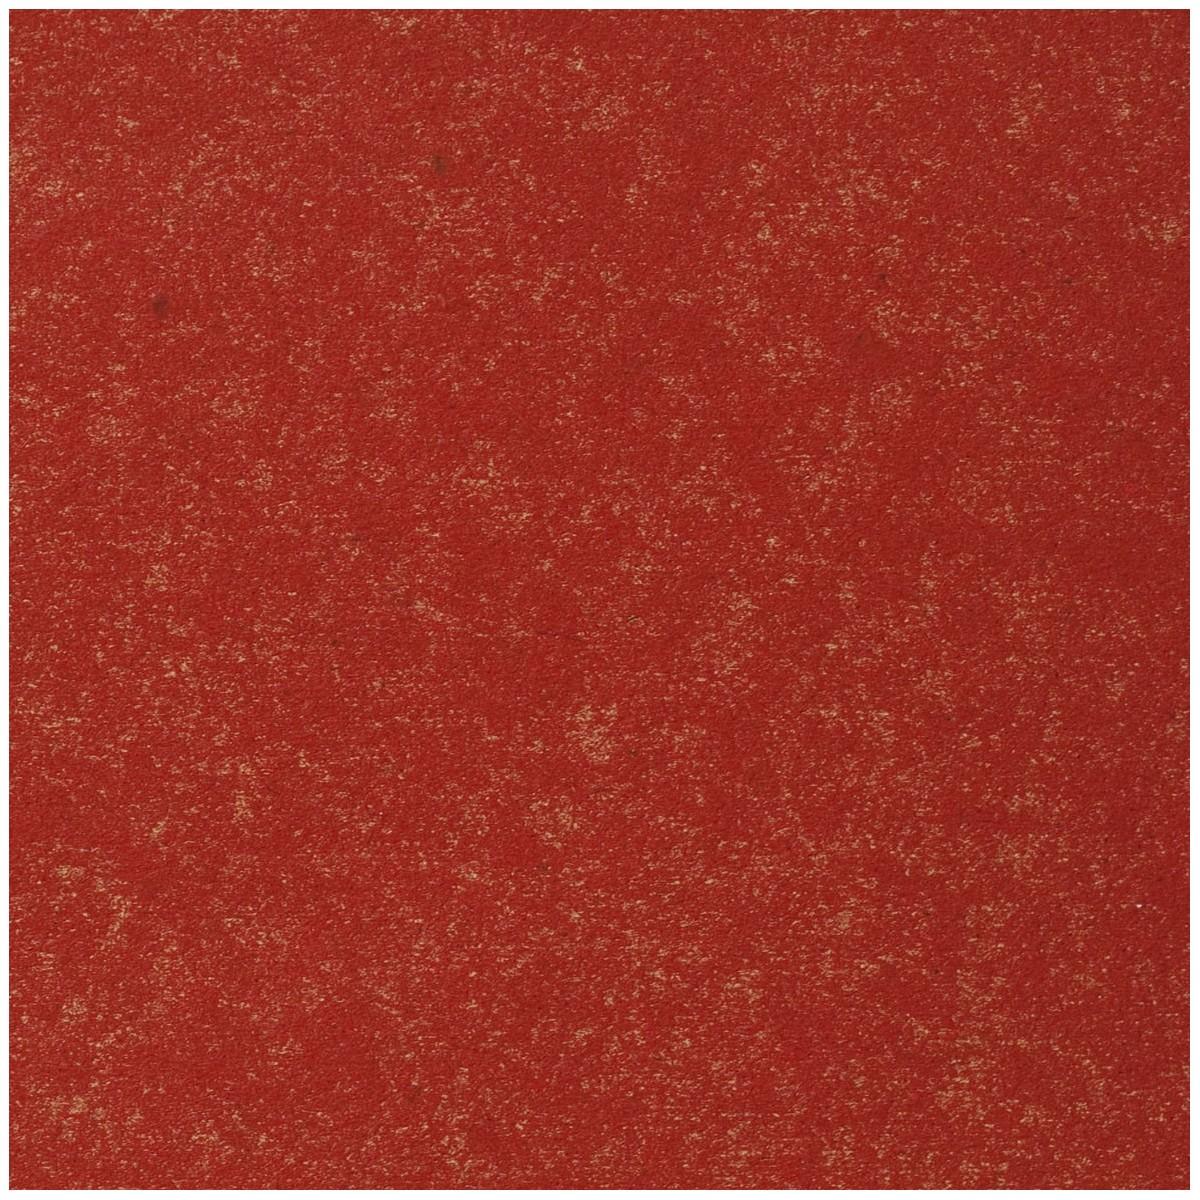 Carta Paglia ECOCHIC Gr.85 Fogli Cm.70x100 Colori Tinta Unita Rosso